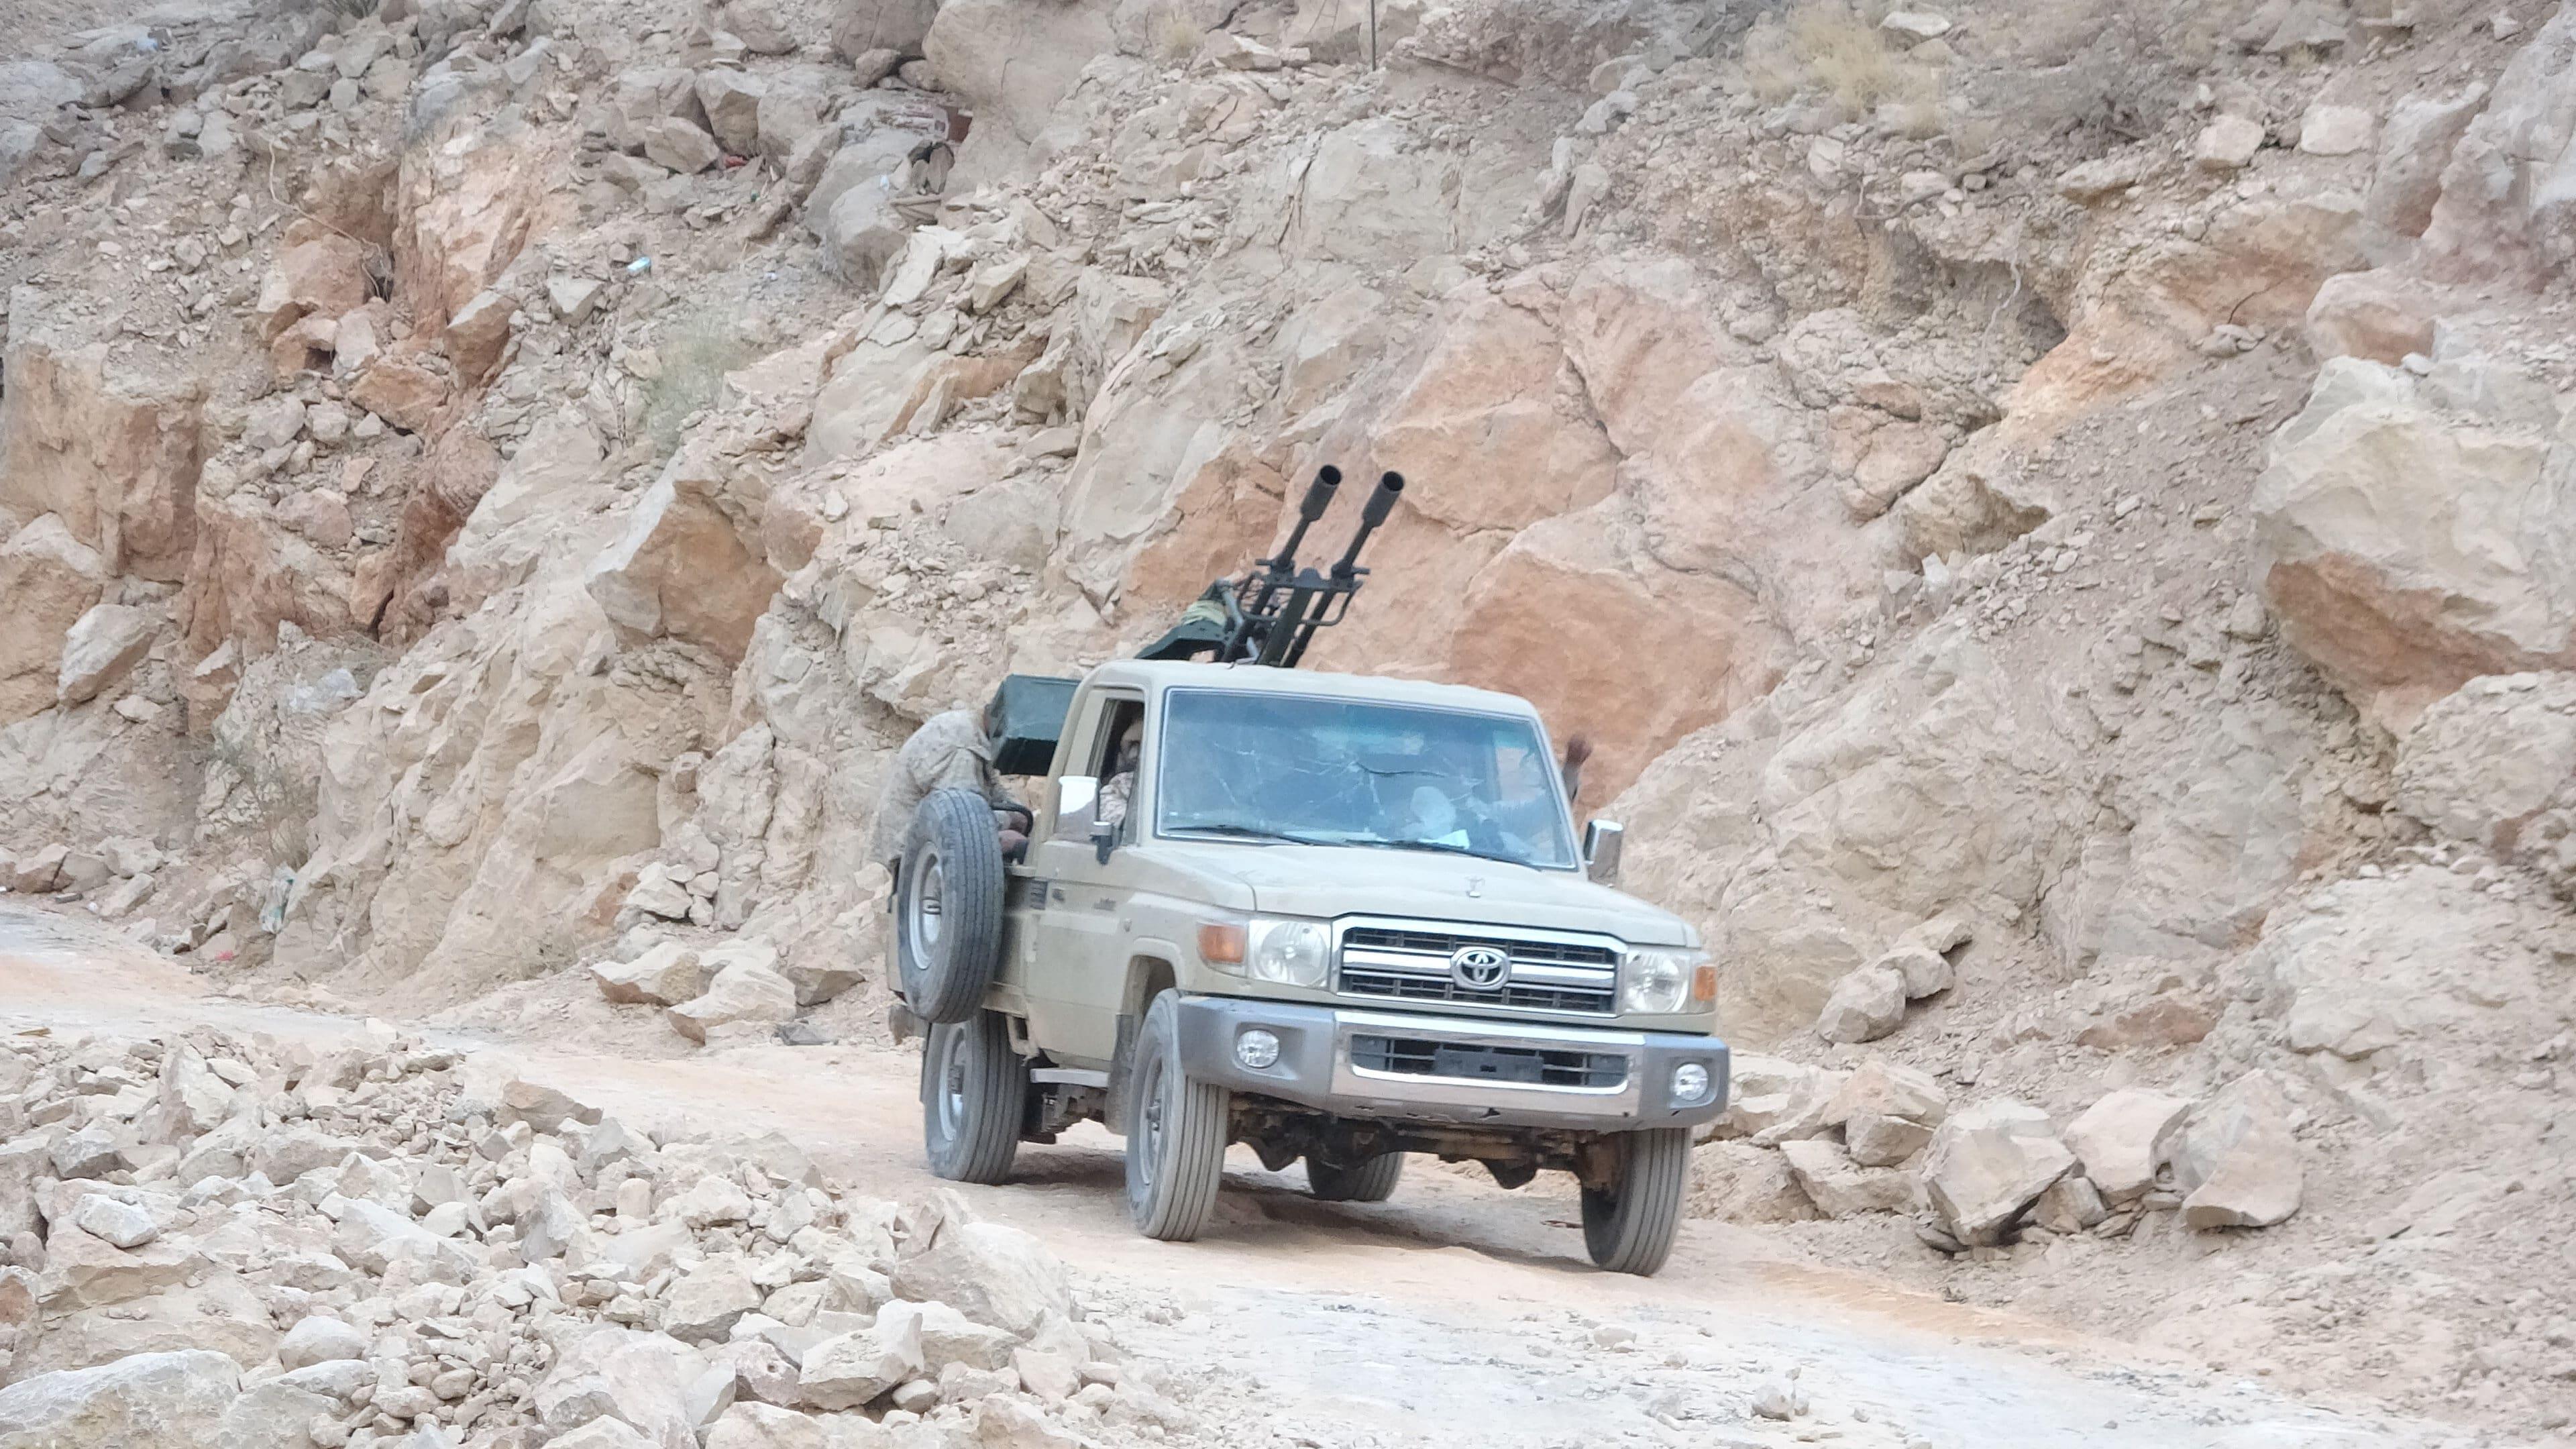 قوات الشرعية تنجح في استعادة مواقع استراتيجية من الحوثي (اندبندنت عربية | هشام الشبيلي)